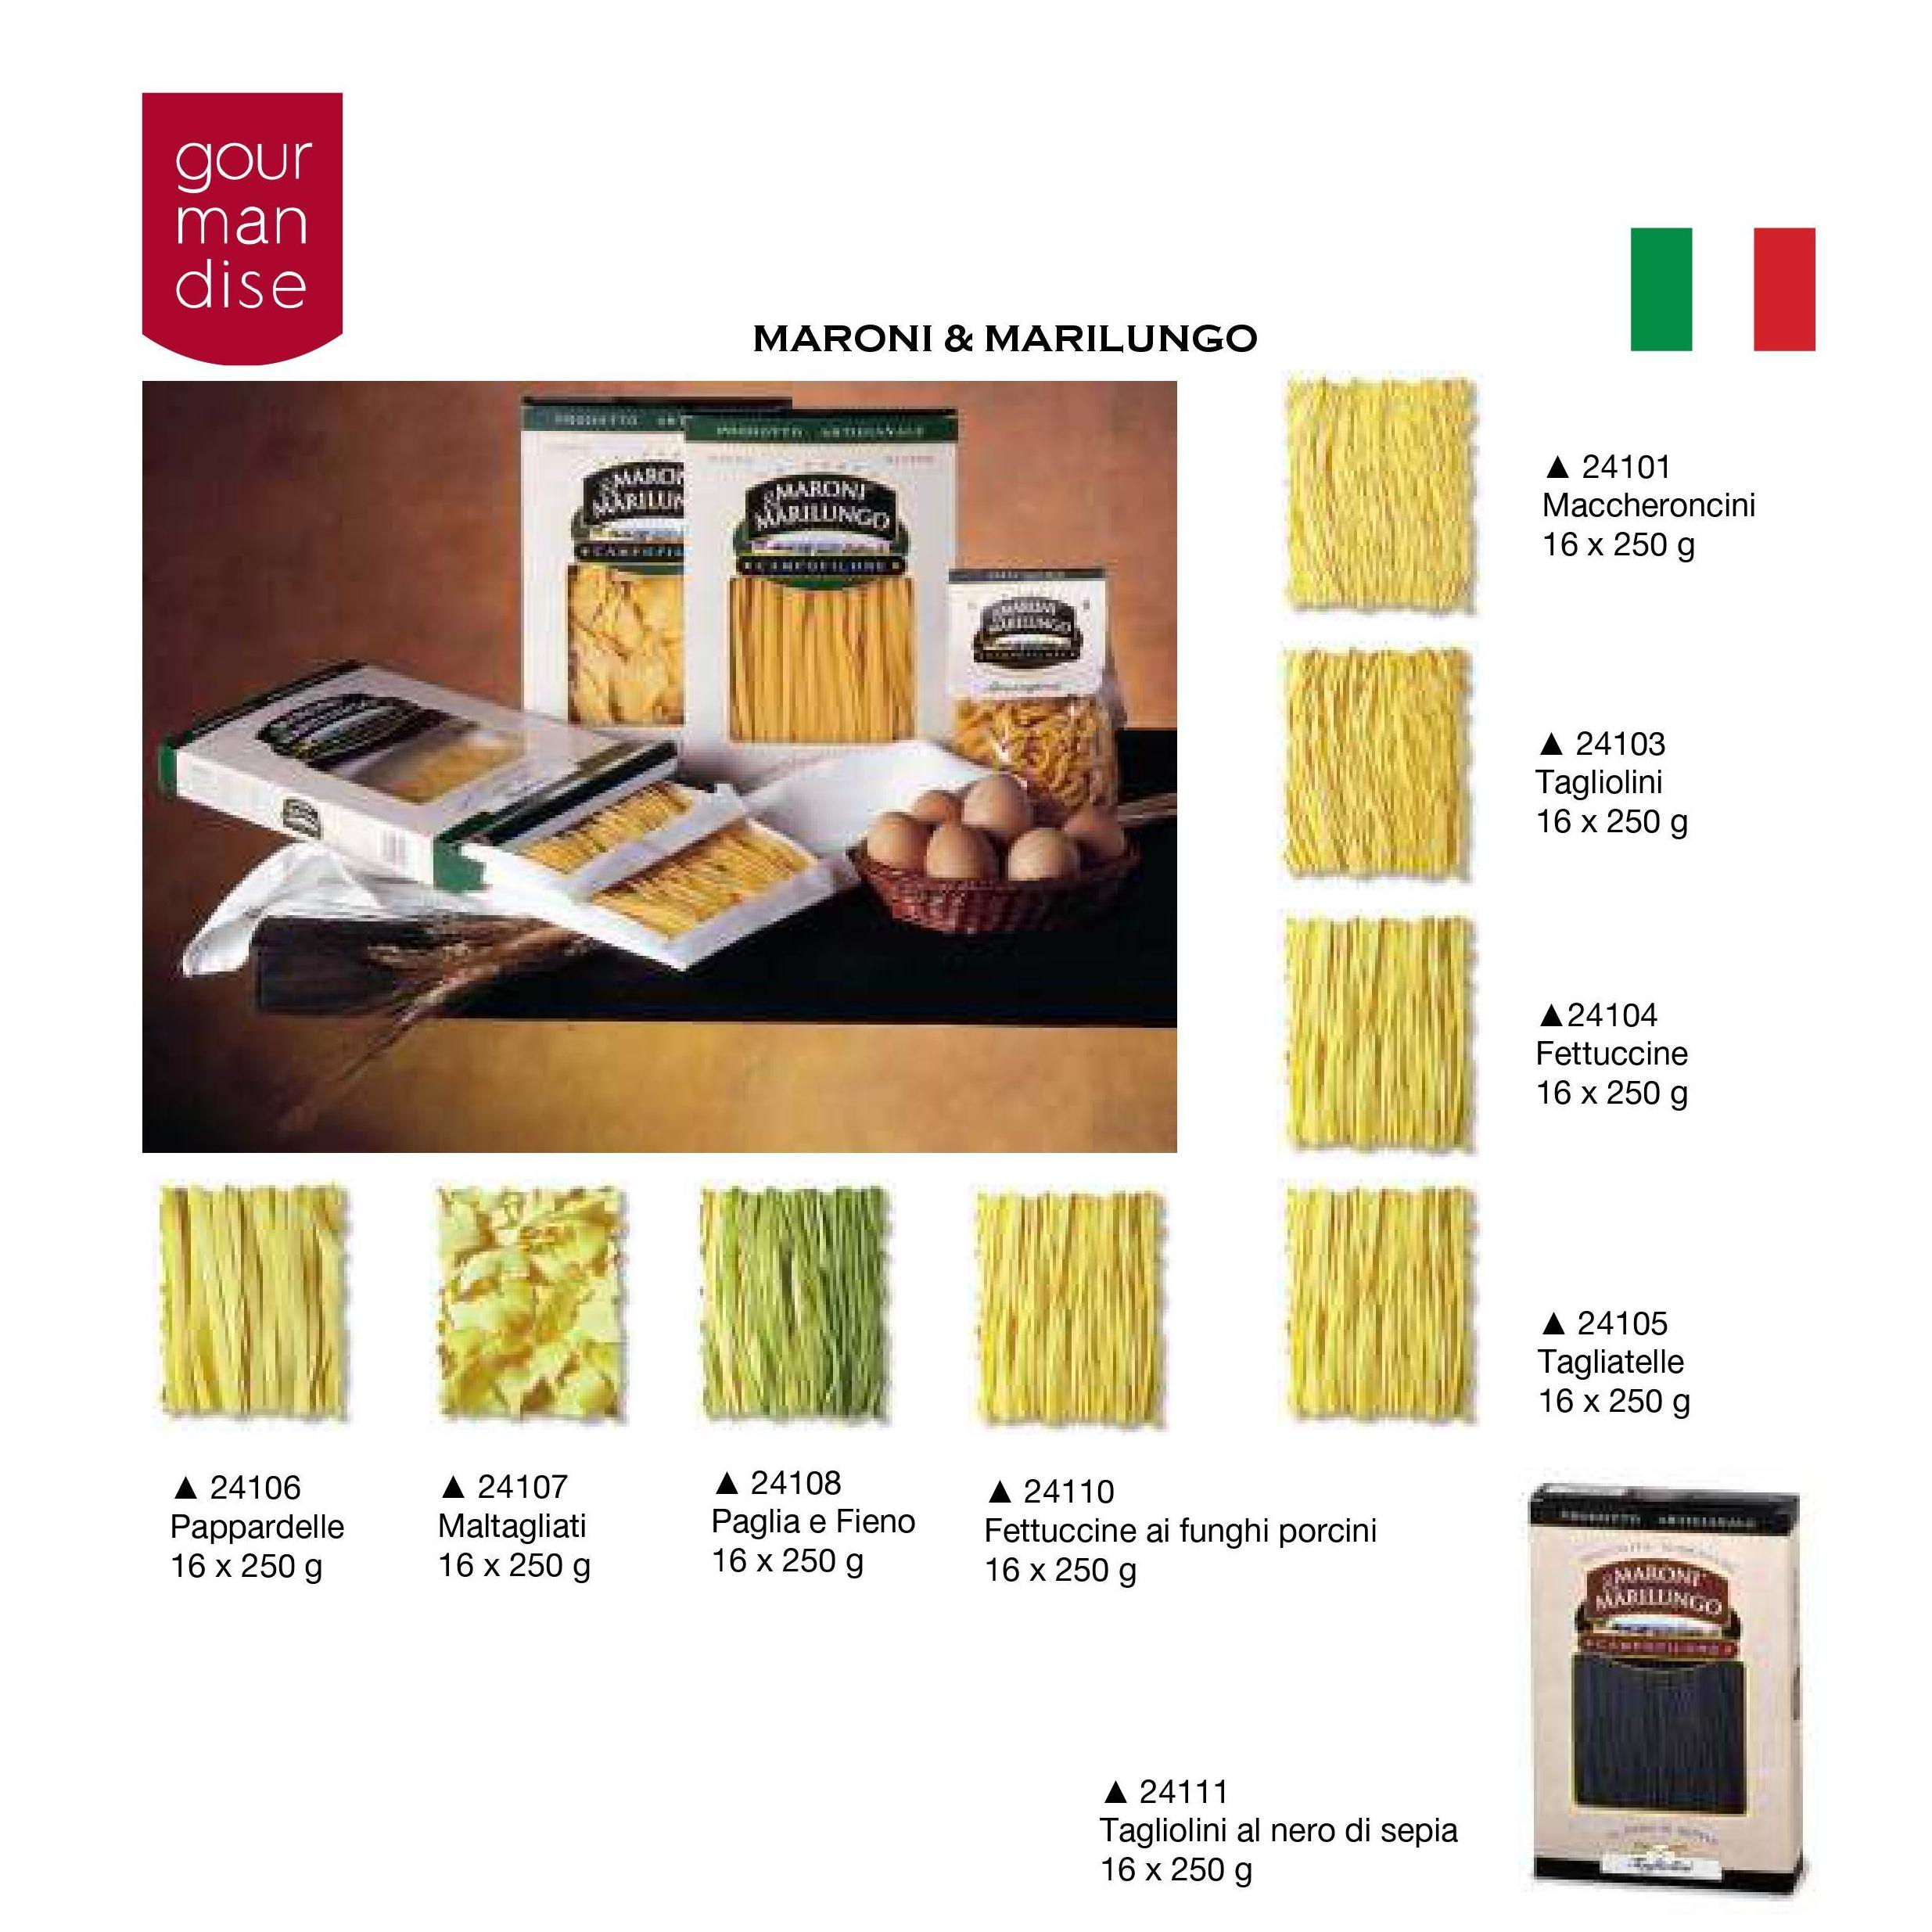 Maroni & Marilungo: Productos de Casa Bastida